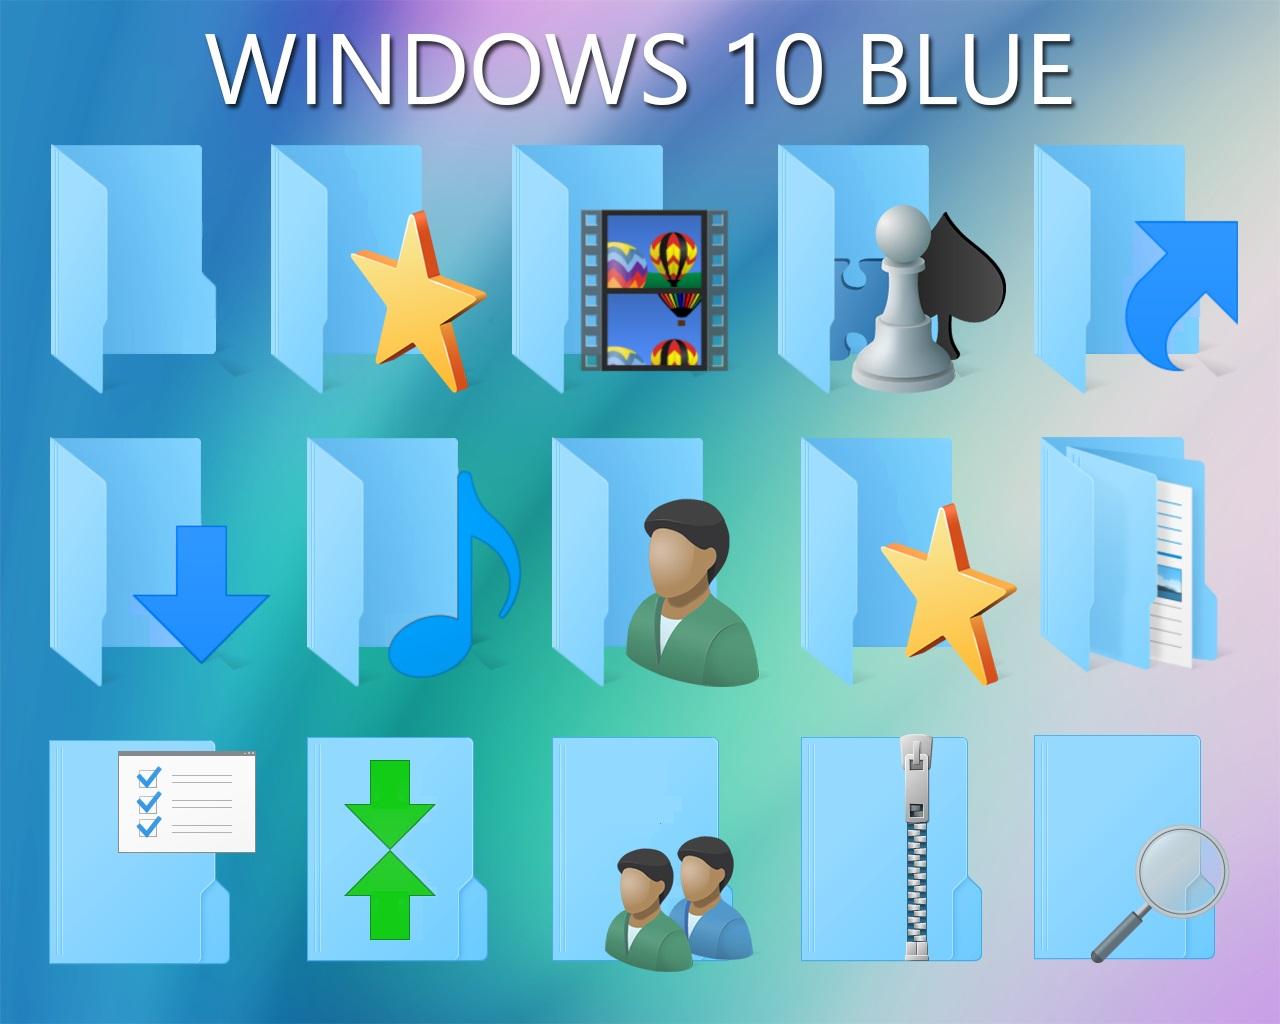 Windows Customs: Windows 10 Blue